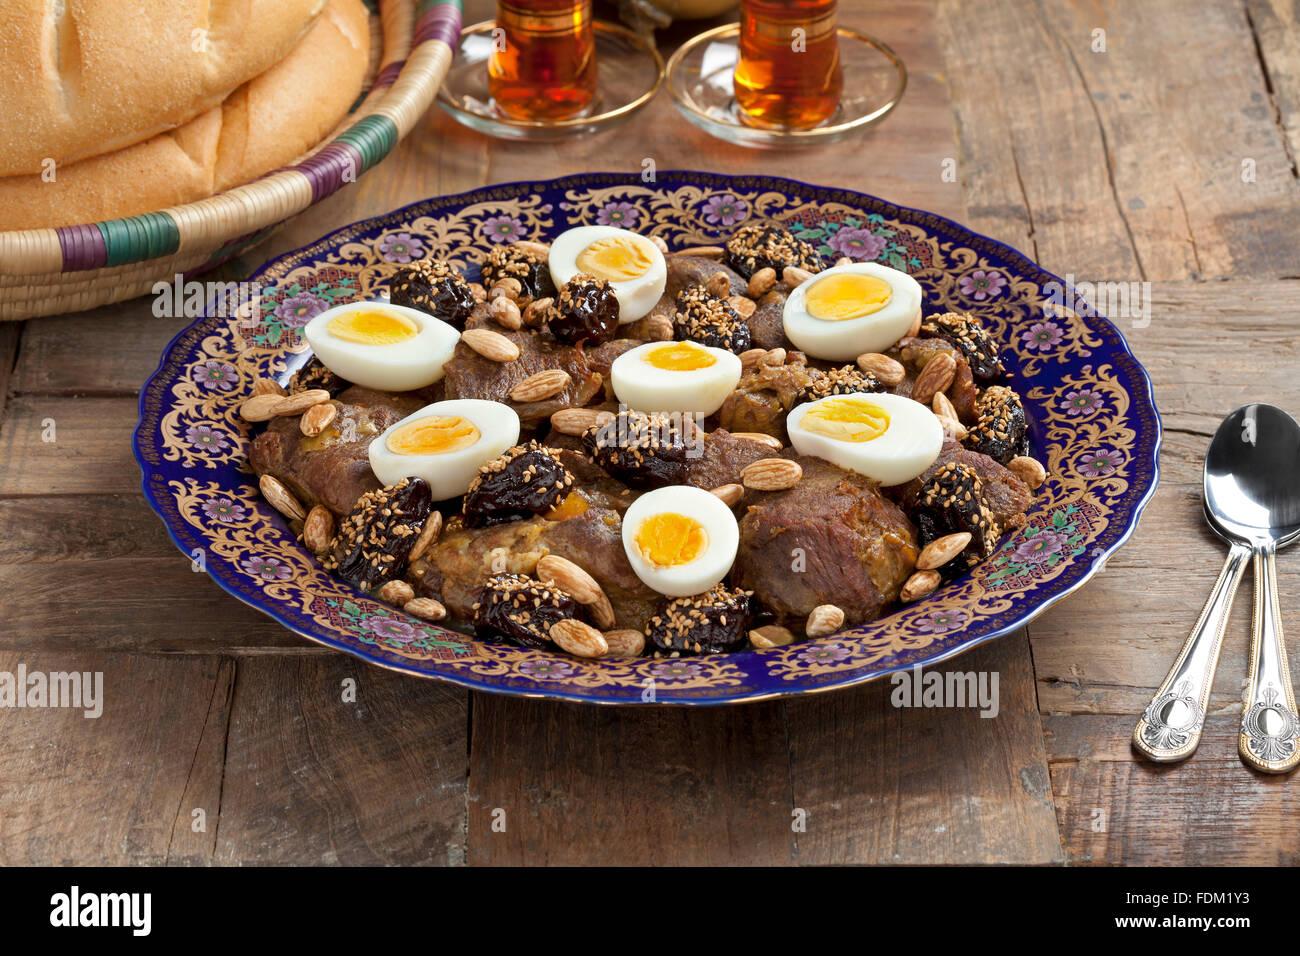 Festa marocchina piatto a base di carne, le prugne, le mandorle e le uova Immagini Stock